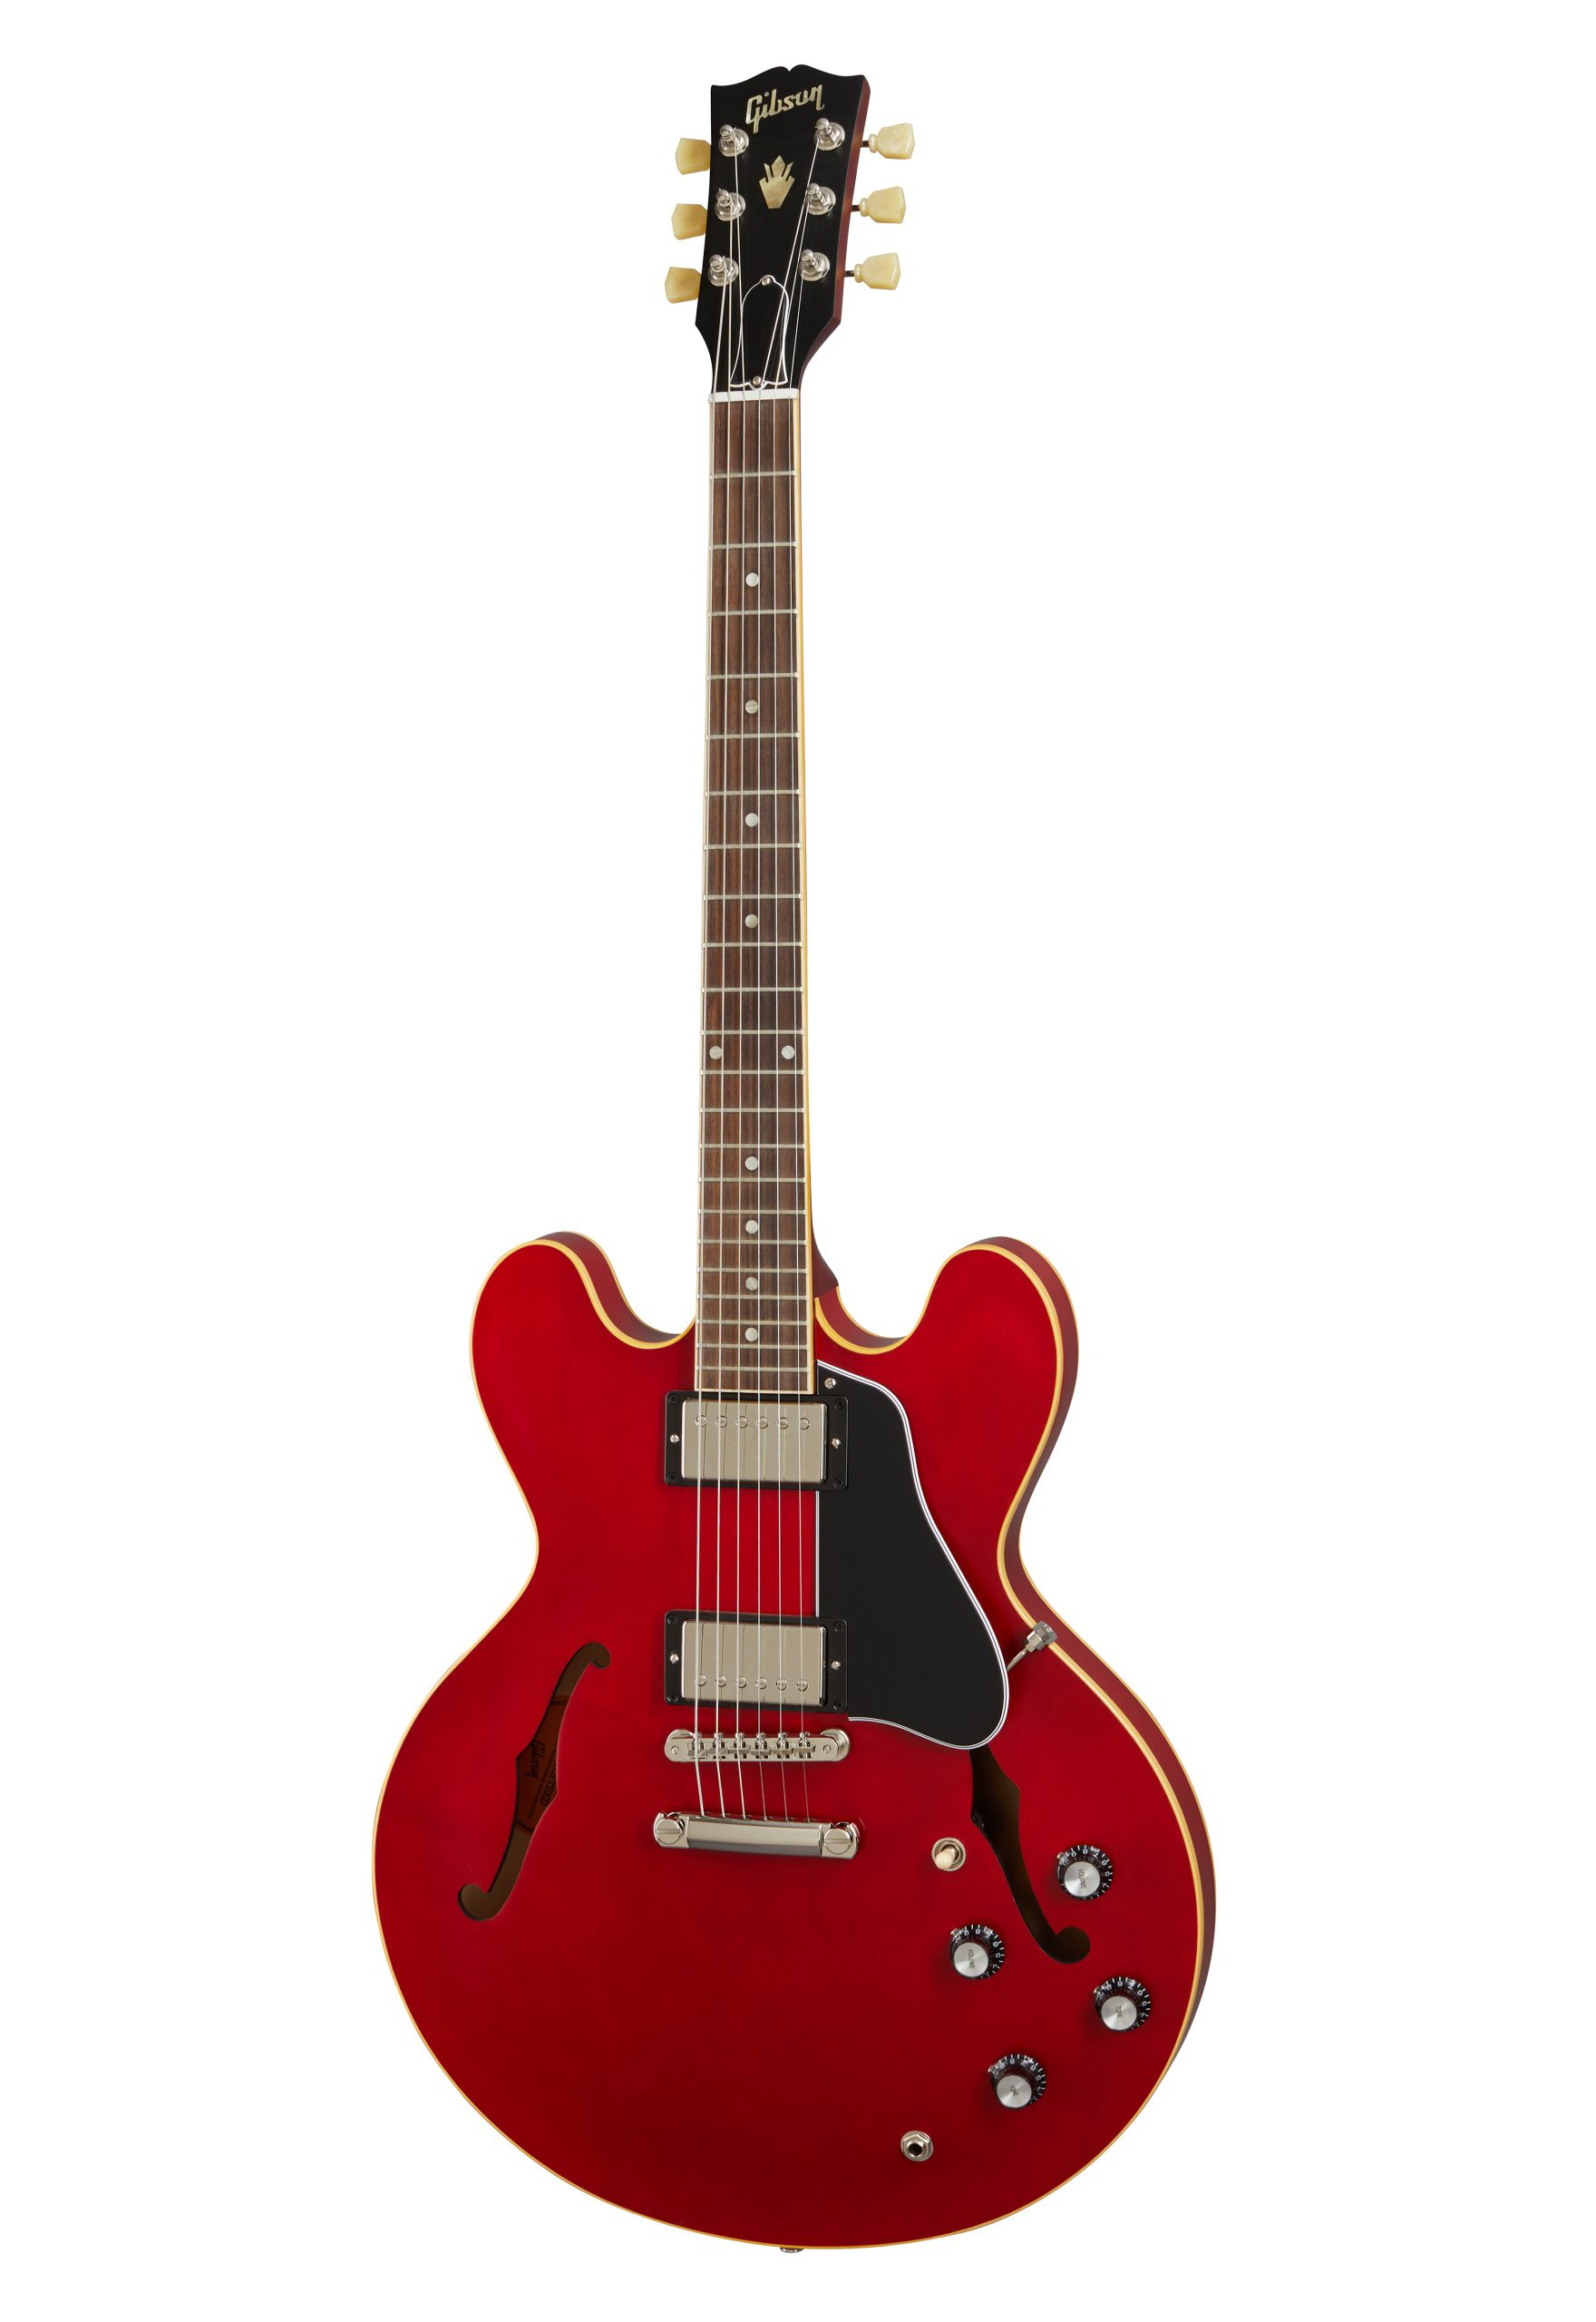 Gibson Modern ES-335 Satin Cherry